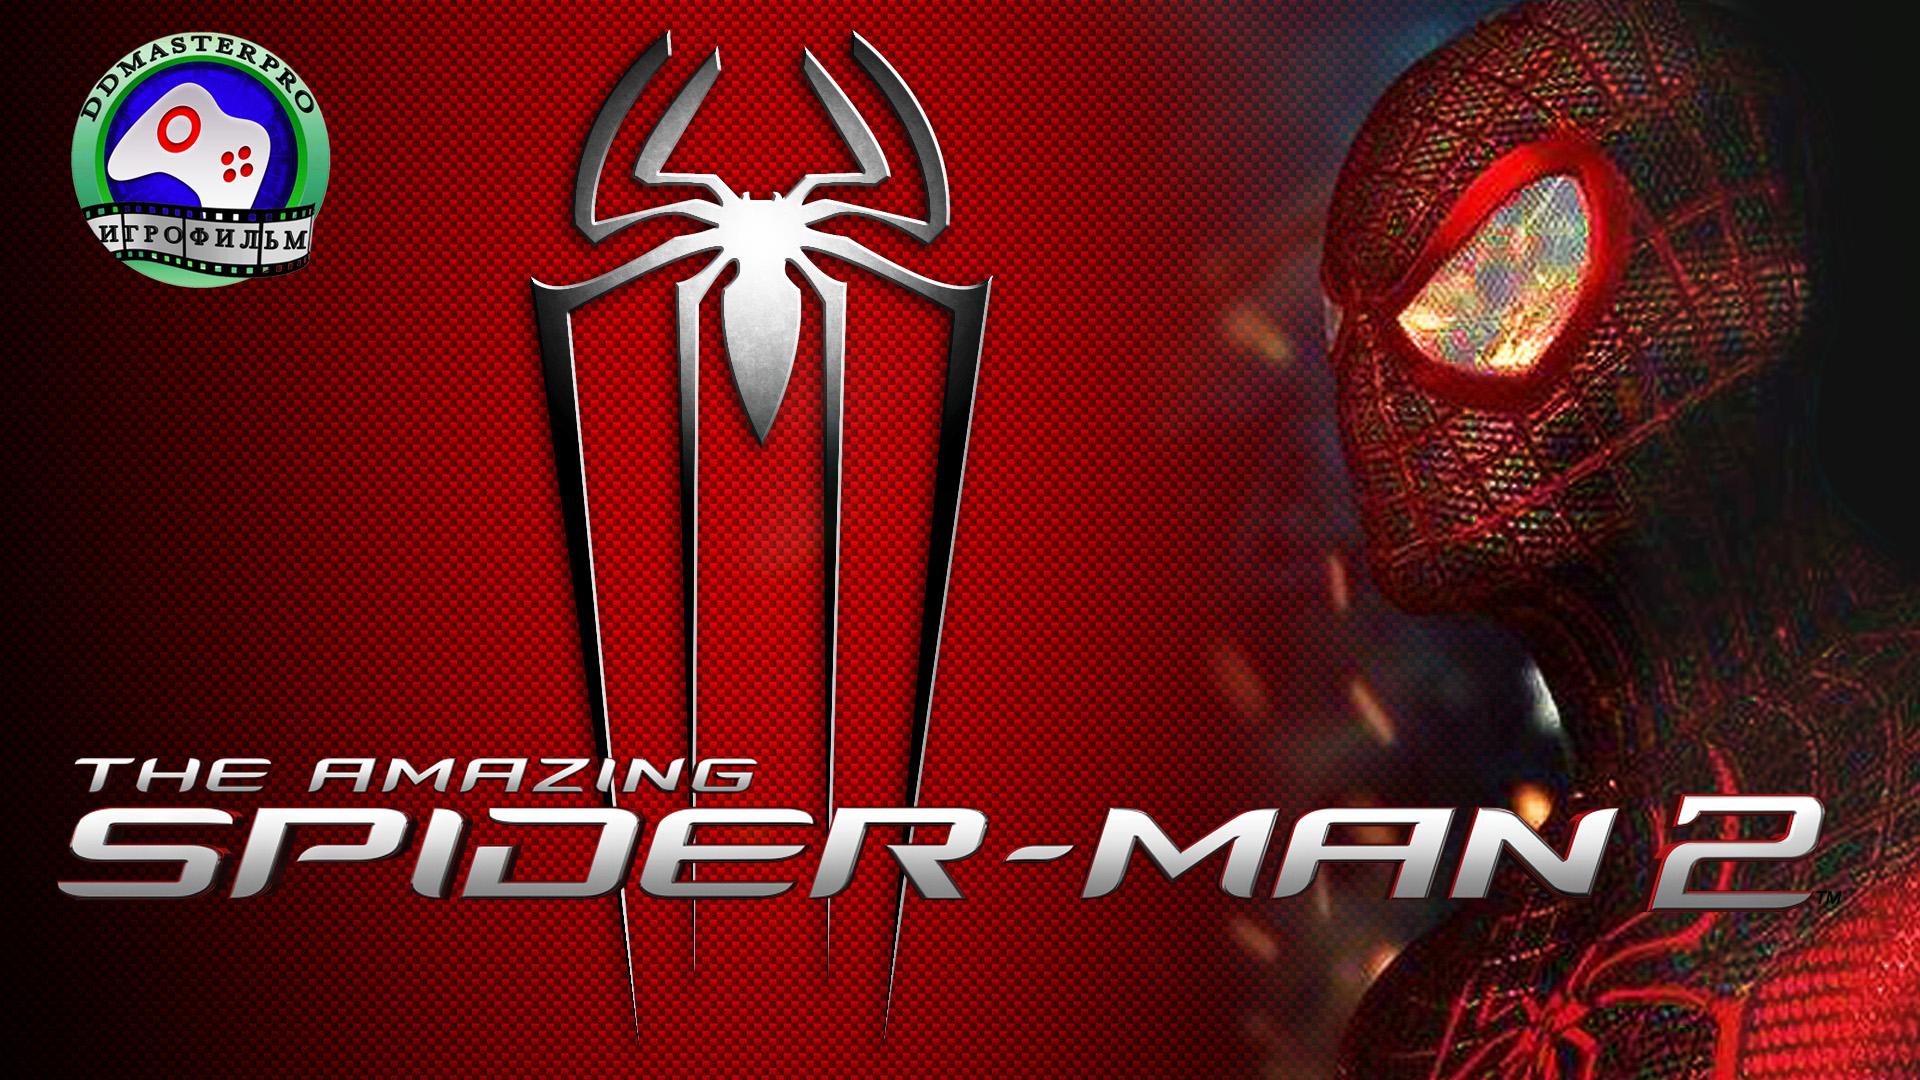 Человек Паук Хранитель Нью Йорка Amazing Spider - Man 2 ИГРОФИЛЬМ сюжет фантастика